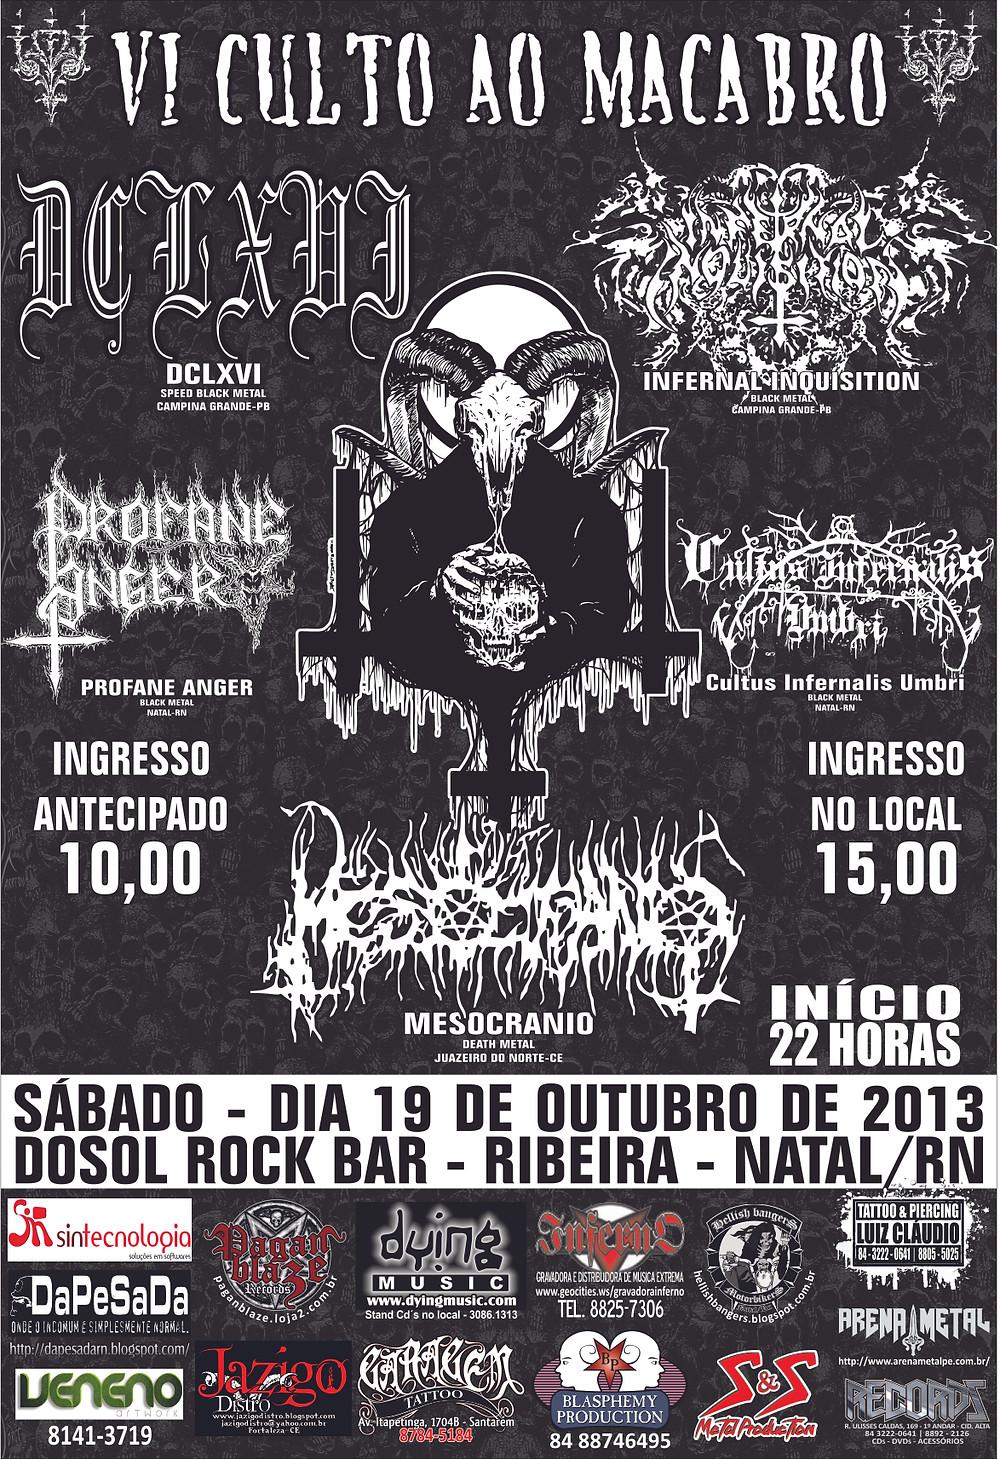 20131019 - VI Culto ao macabro.jpg